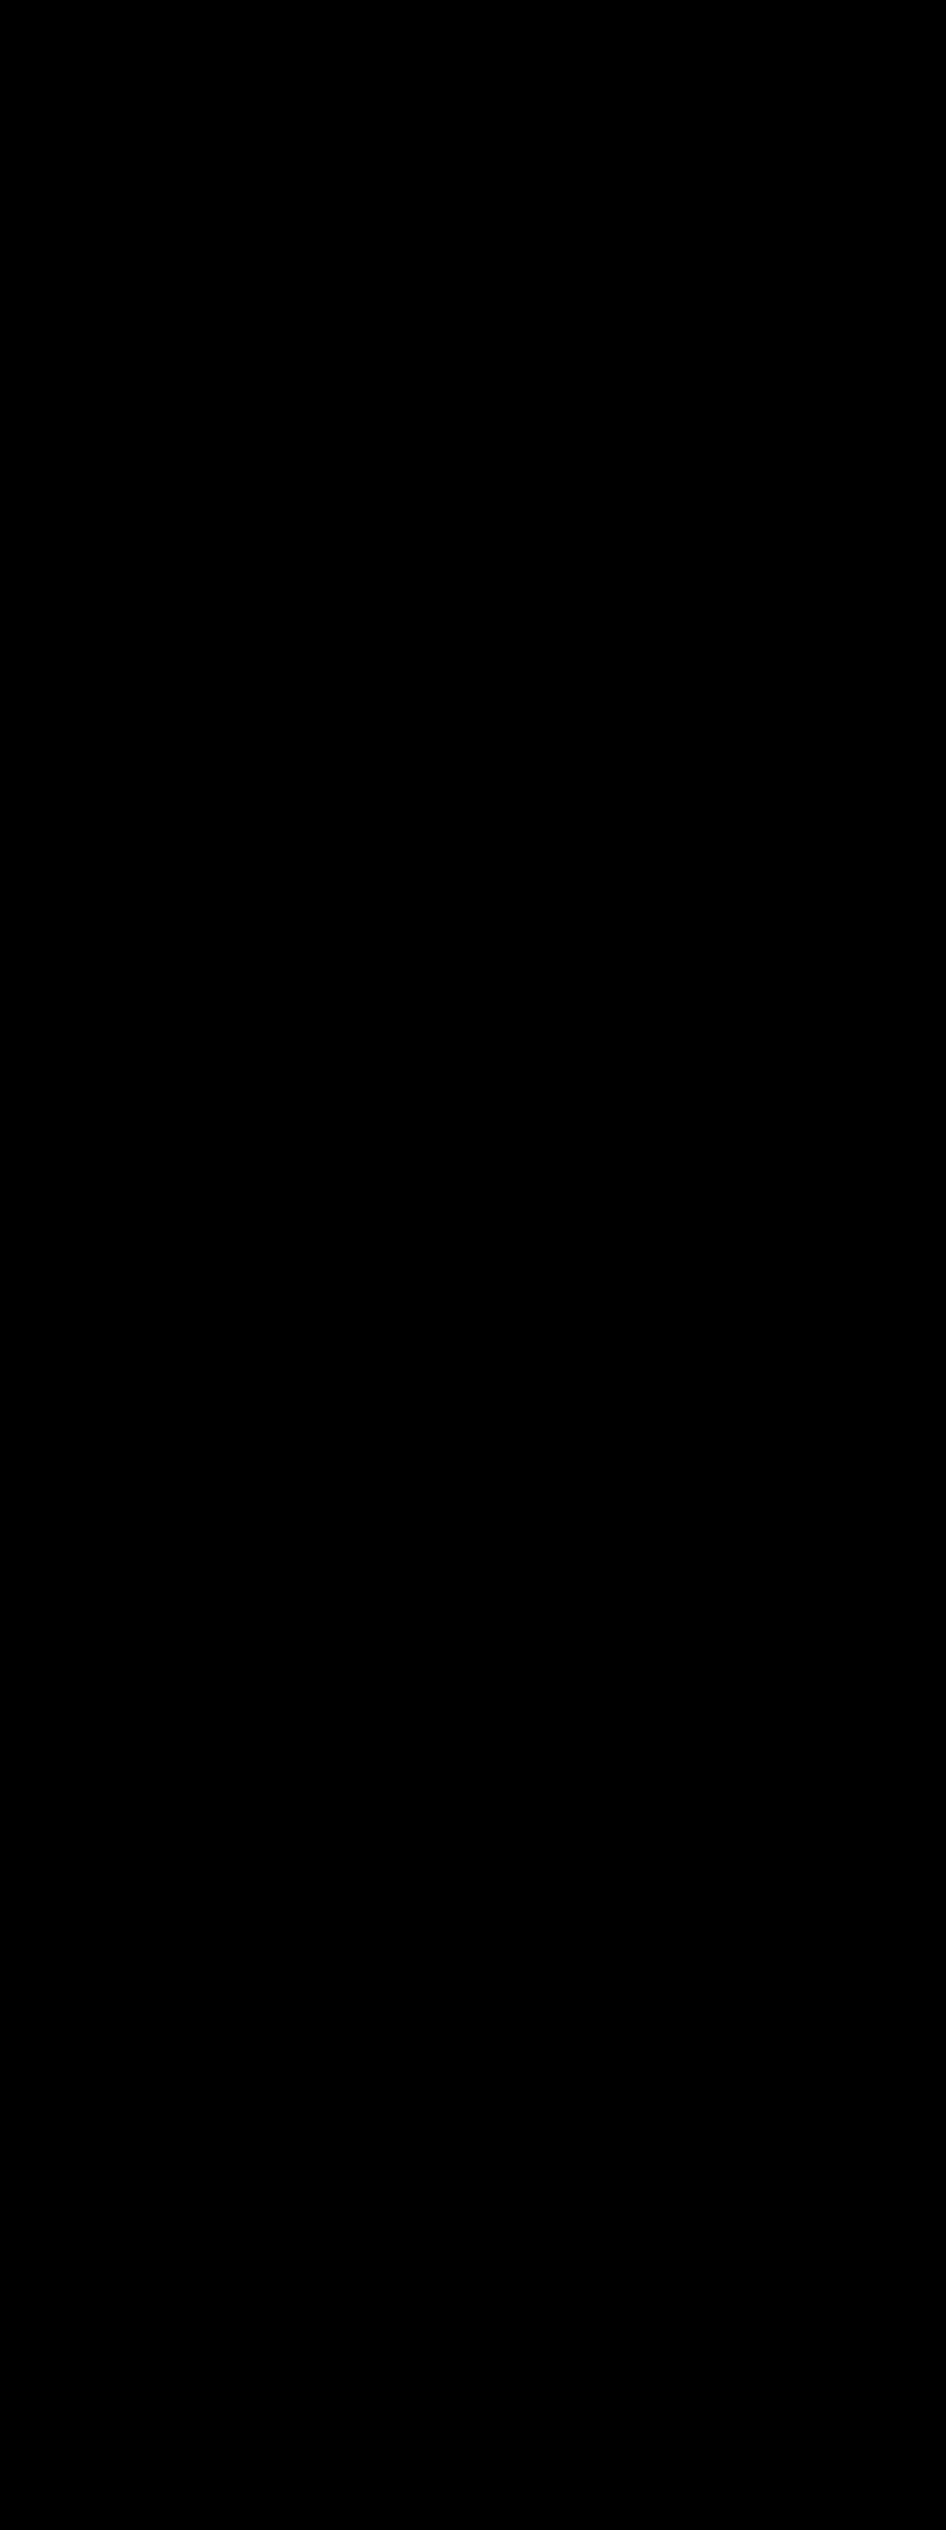 คอร์ดกีตาร์ ง่าย คอร์ด เพลง ใจสยิว (เพลงประกอบภาพยนตร์เรื่องสยิว)